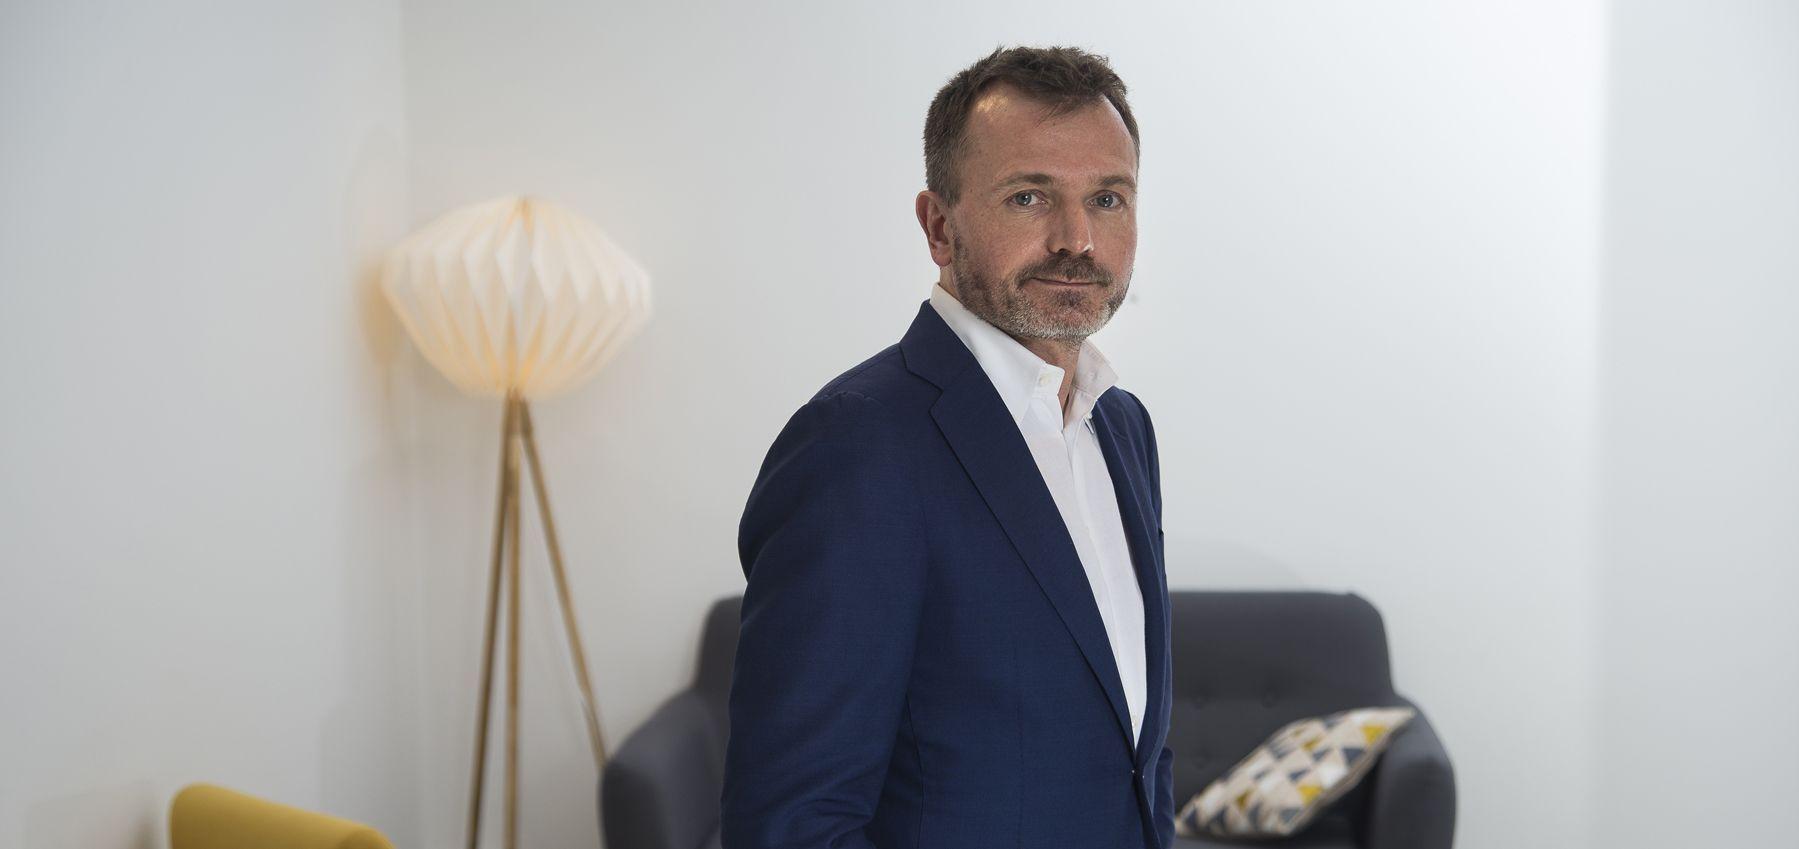 Benoît Raphaël, Spécialiste des médias et éleveur de robots